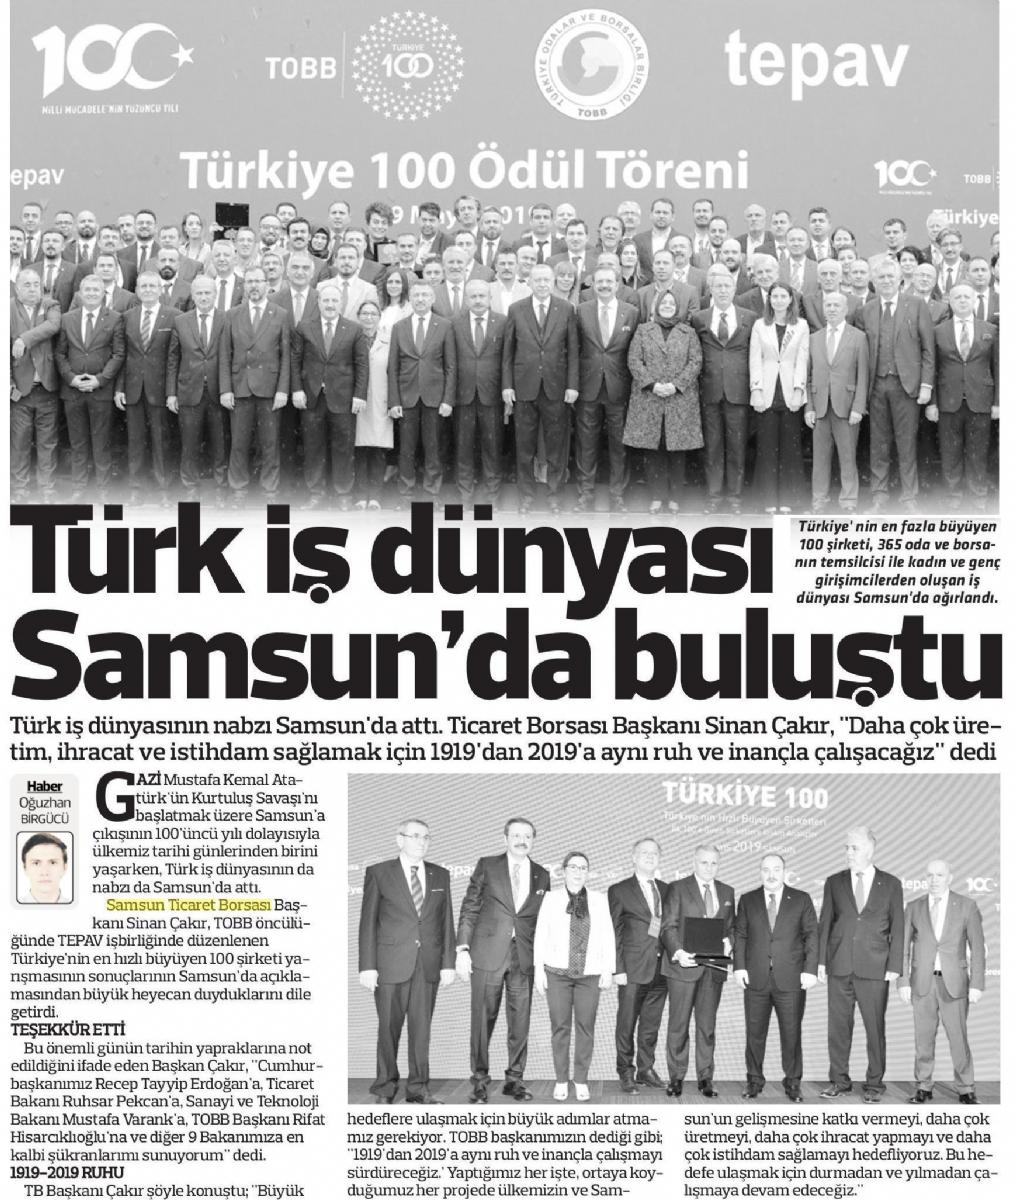 Türk İş Dünyası Samsun'da Buluştu